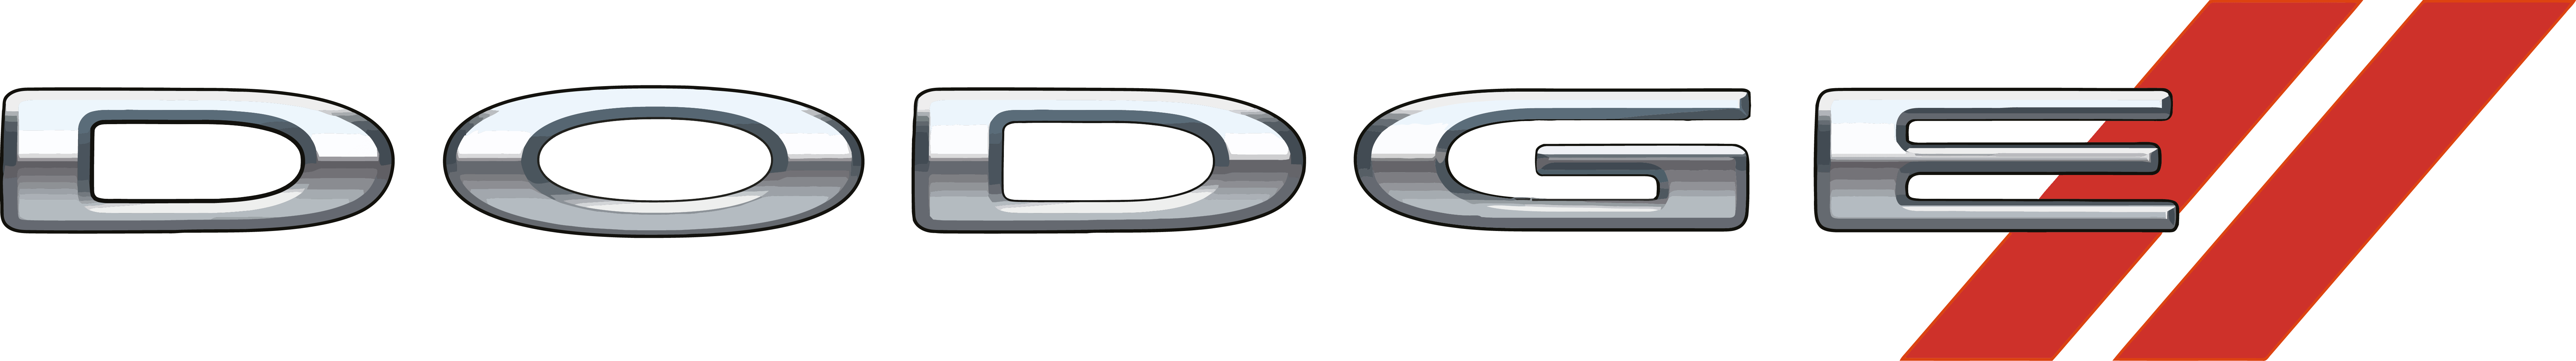 Dodge Logo png